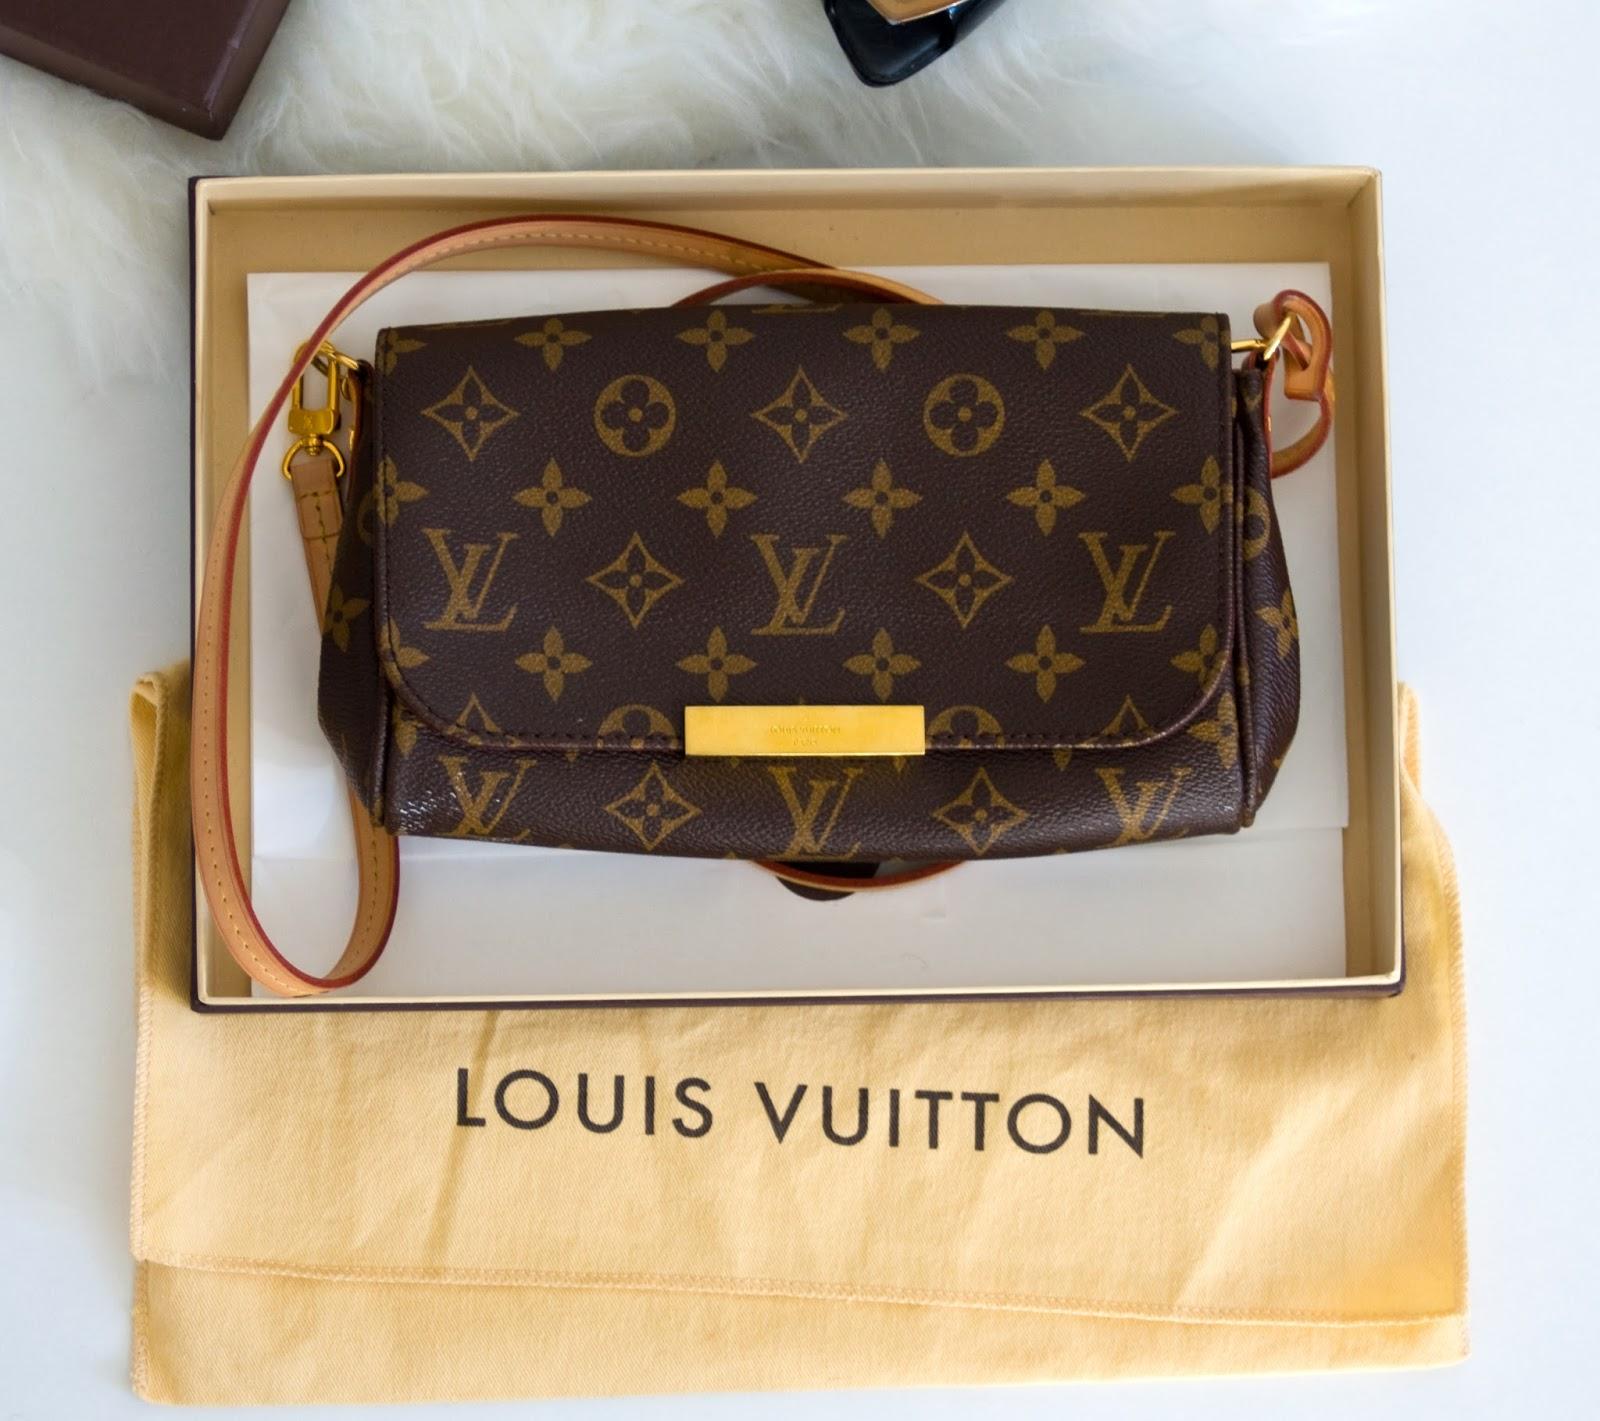 c567f3b82d5df Pudełko od Louisa Vuittona jest ciężkie, stabilne i trwale, trudno tu o  wzniecenia czy uszkodzenia boków. Worek ma kolor plastra miodu, ...